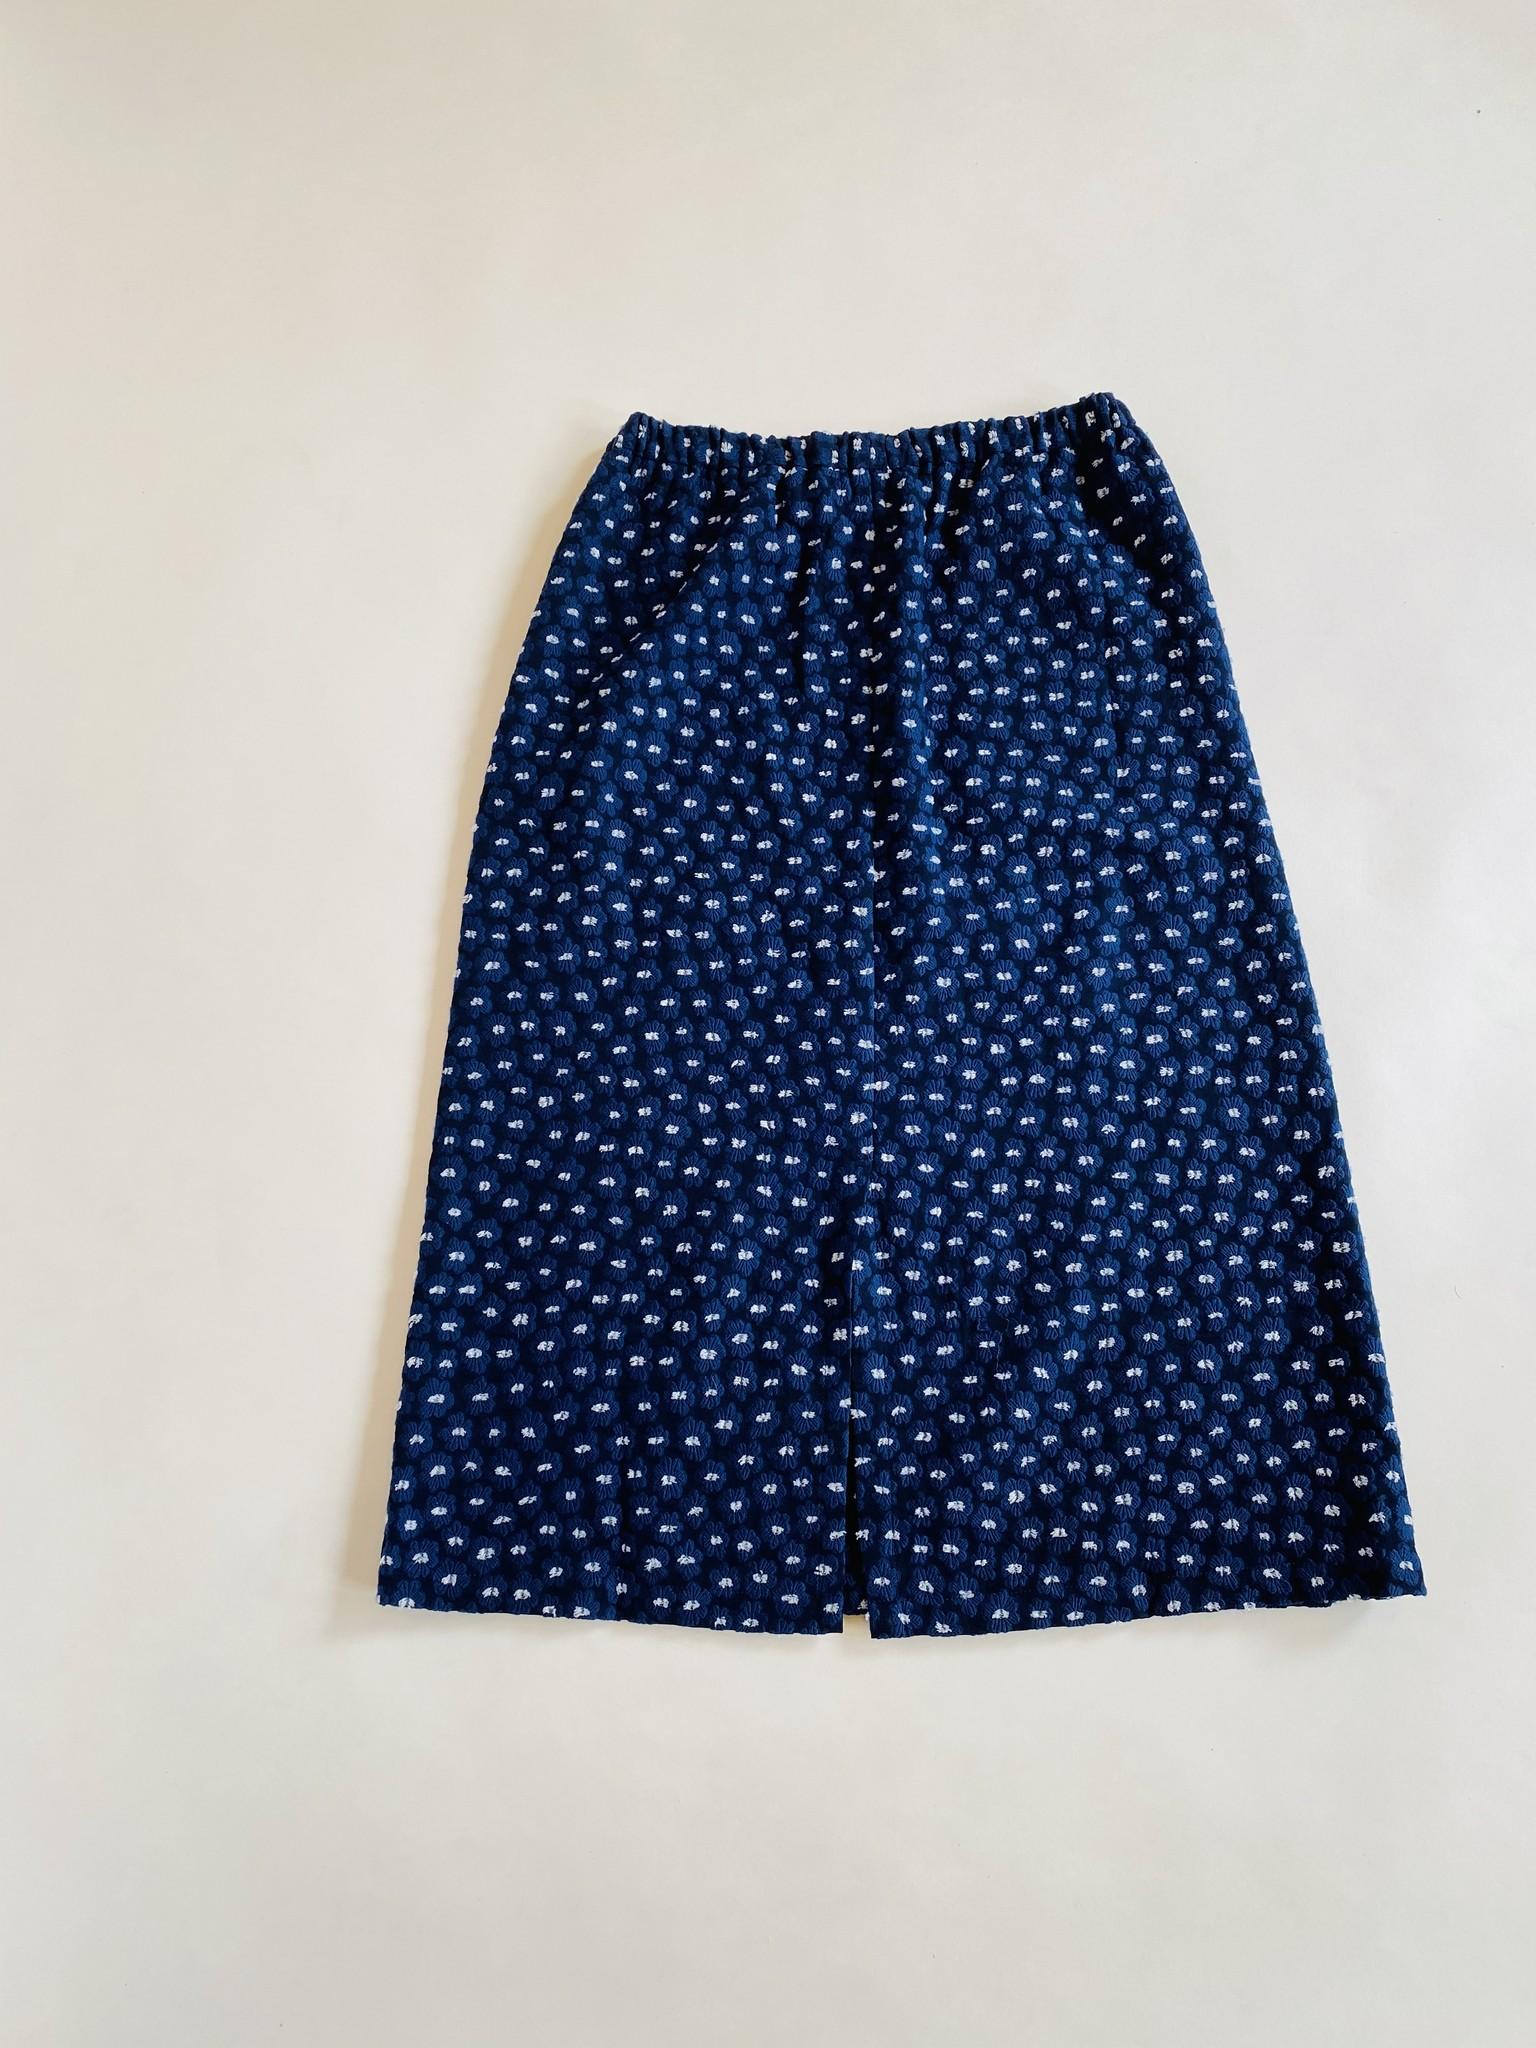 Hansel From Basel Hansel From Basel Dora Daisy Embroidered Skirt